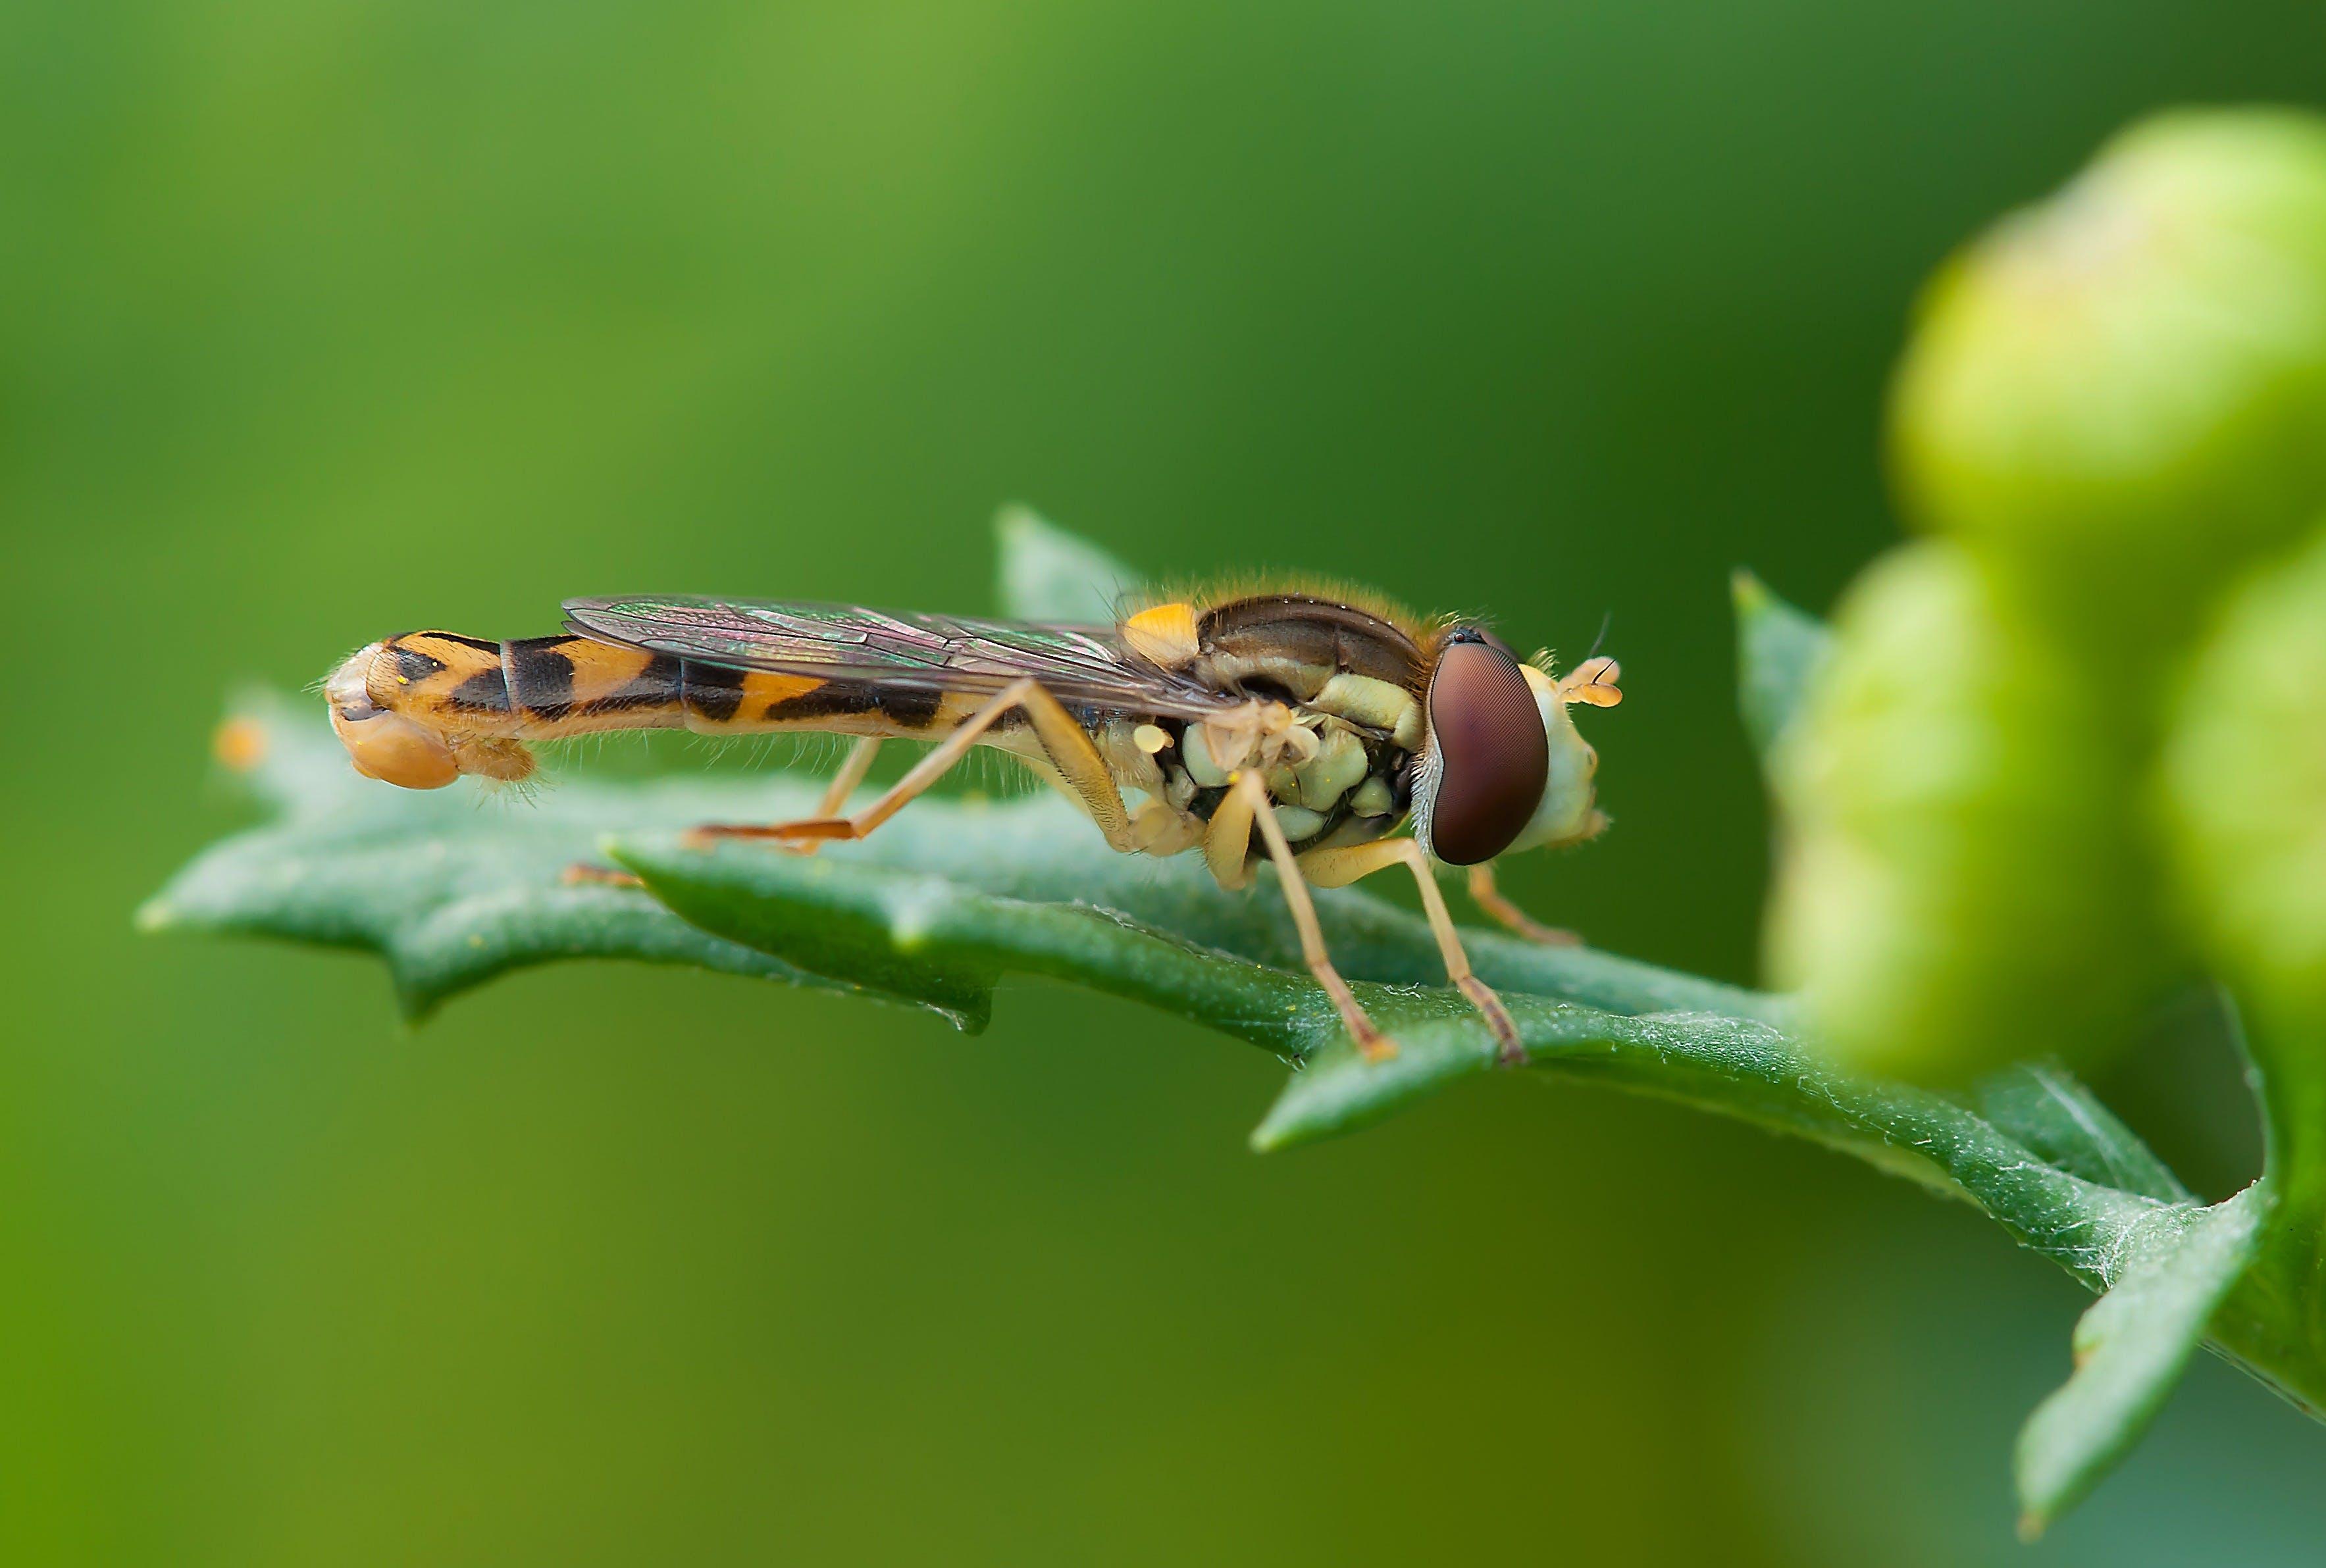 Kostenloses Stock Foto zu natur, pflanze, insekt, nahansicht